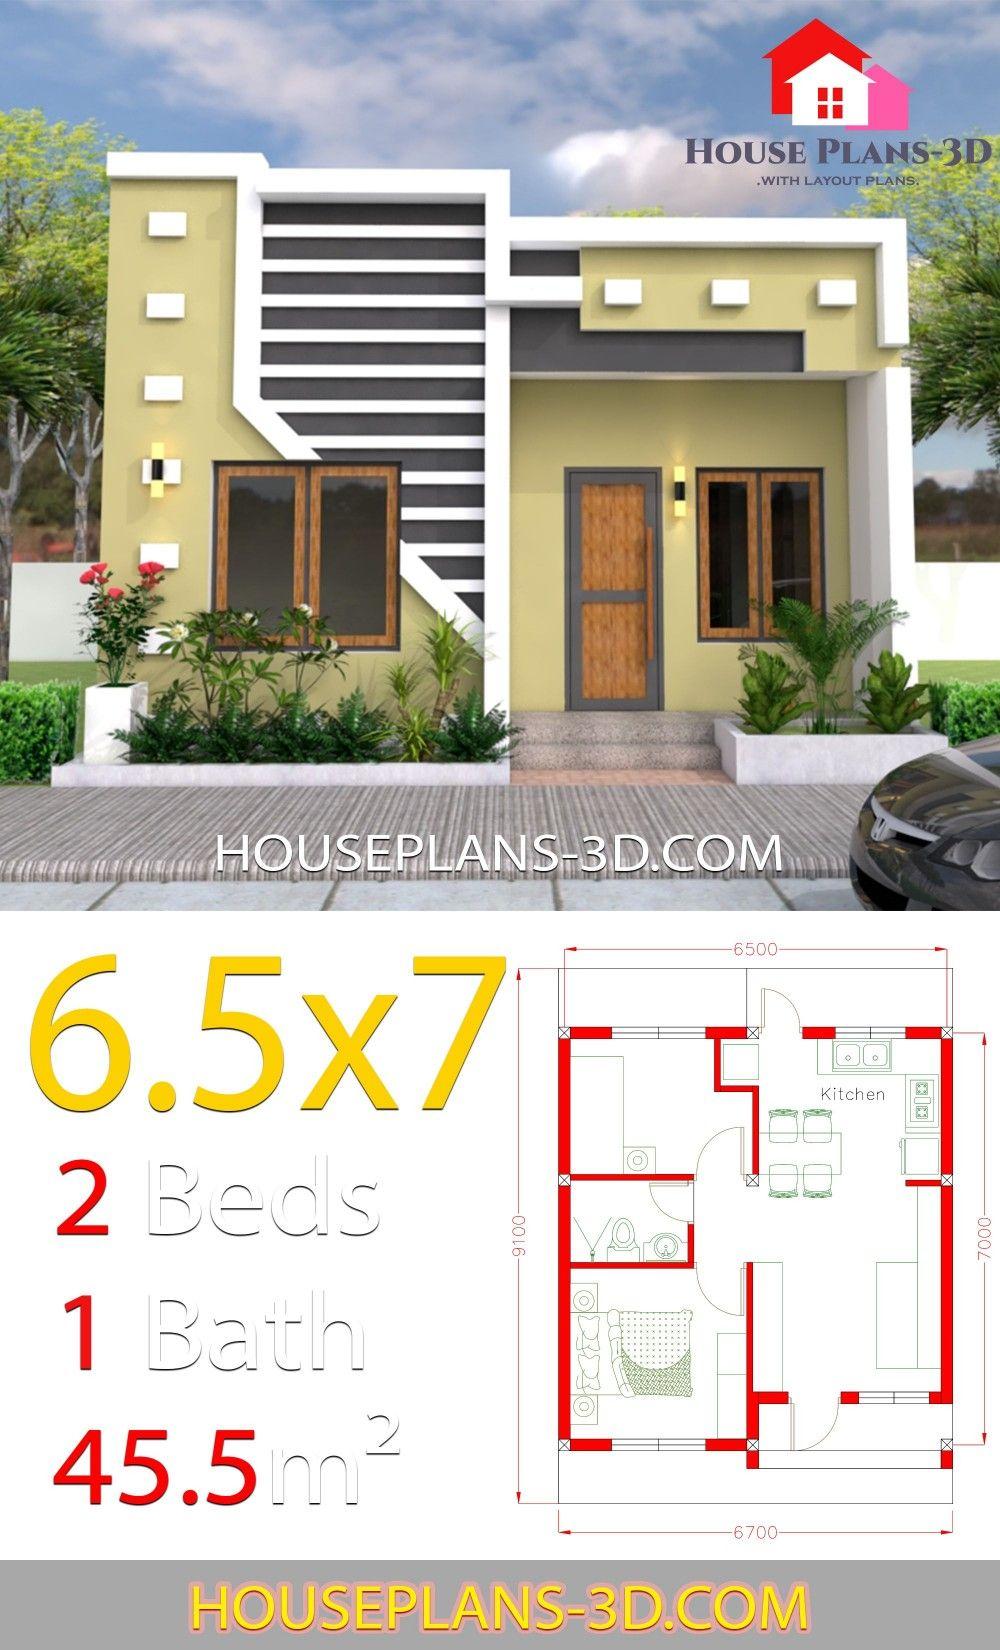 Small House Design 6 5x7 Con Piani Completi Di 2 Camere Da Letto Piani Di Case 3d Small House Small House Design Plans House Fence Design Small House Design